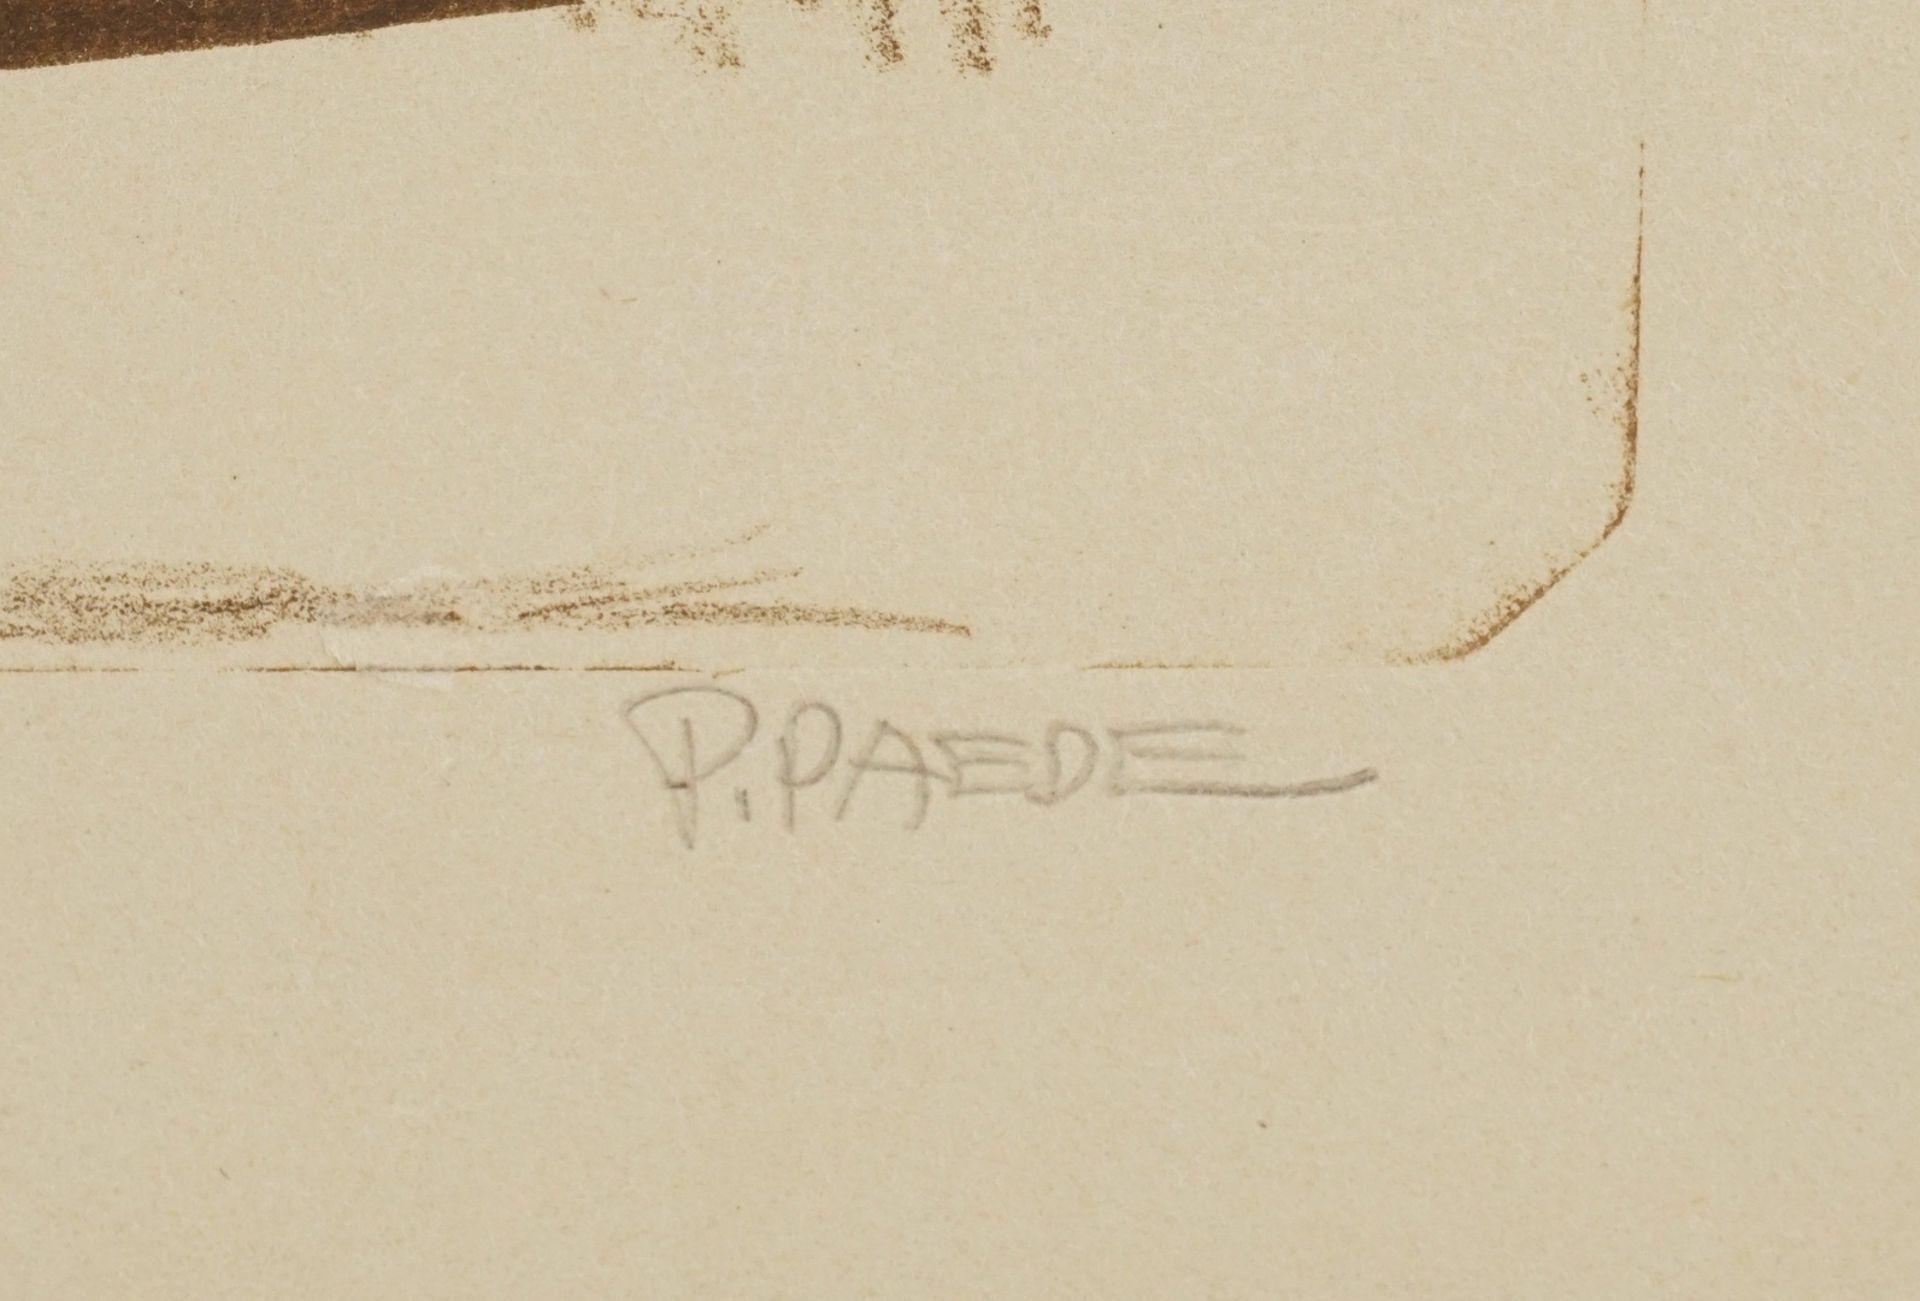 Paul Paede, Auf dem Ateliersofa - Bild 4 aus 4